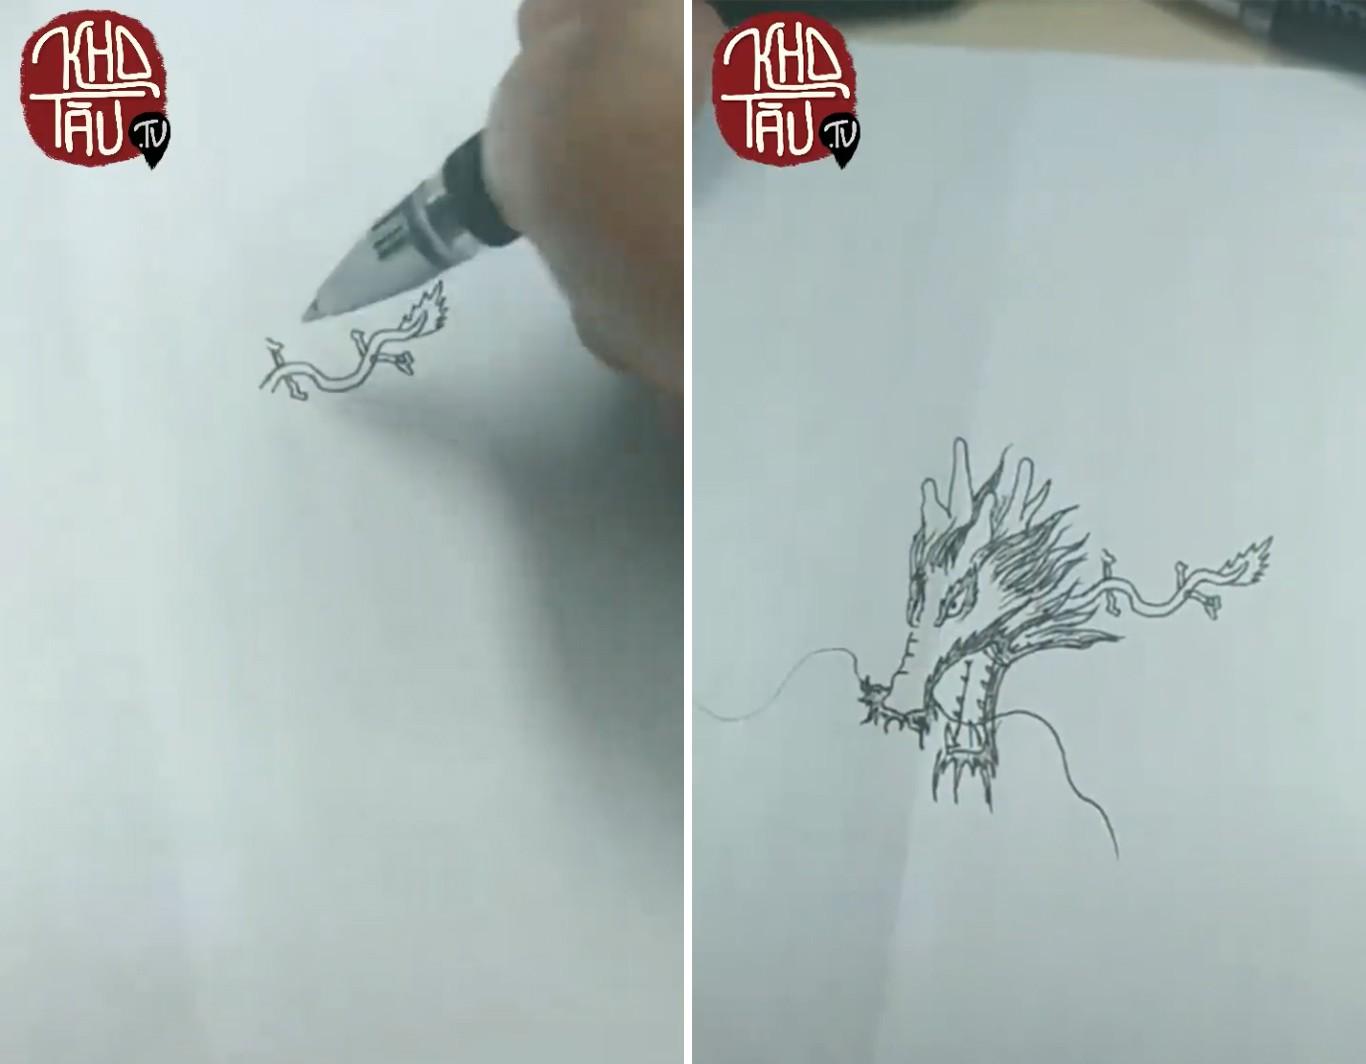 Tài năng có hạn nhưng vẫn thích thể hiện, anh trai vẽ rồng giúp em gái và cái kết cười ra nước mắt - Ảnh 11.